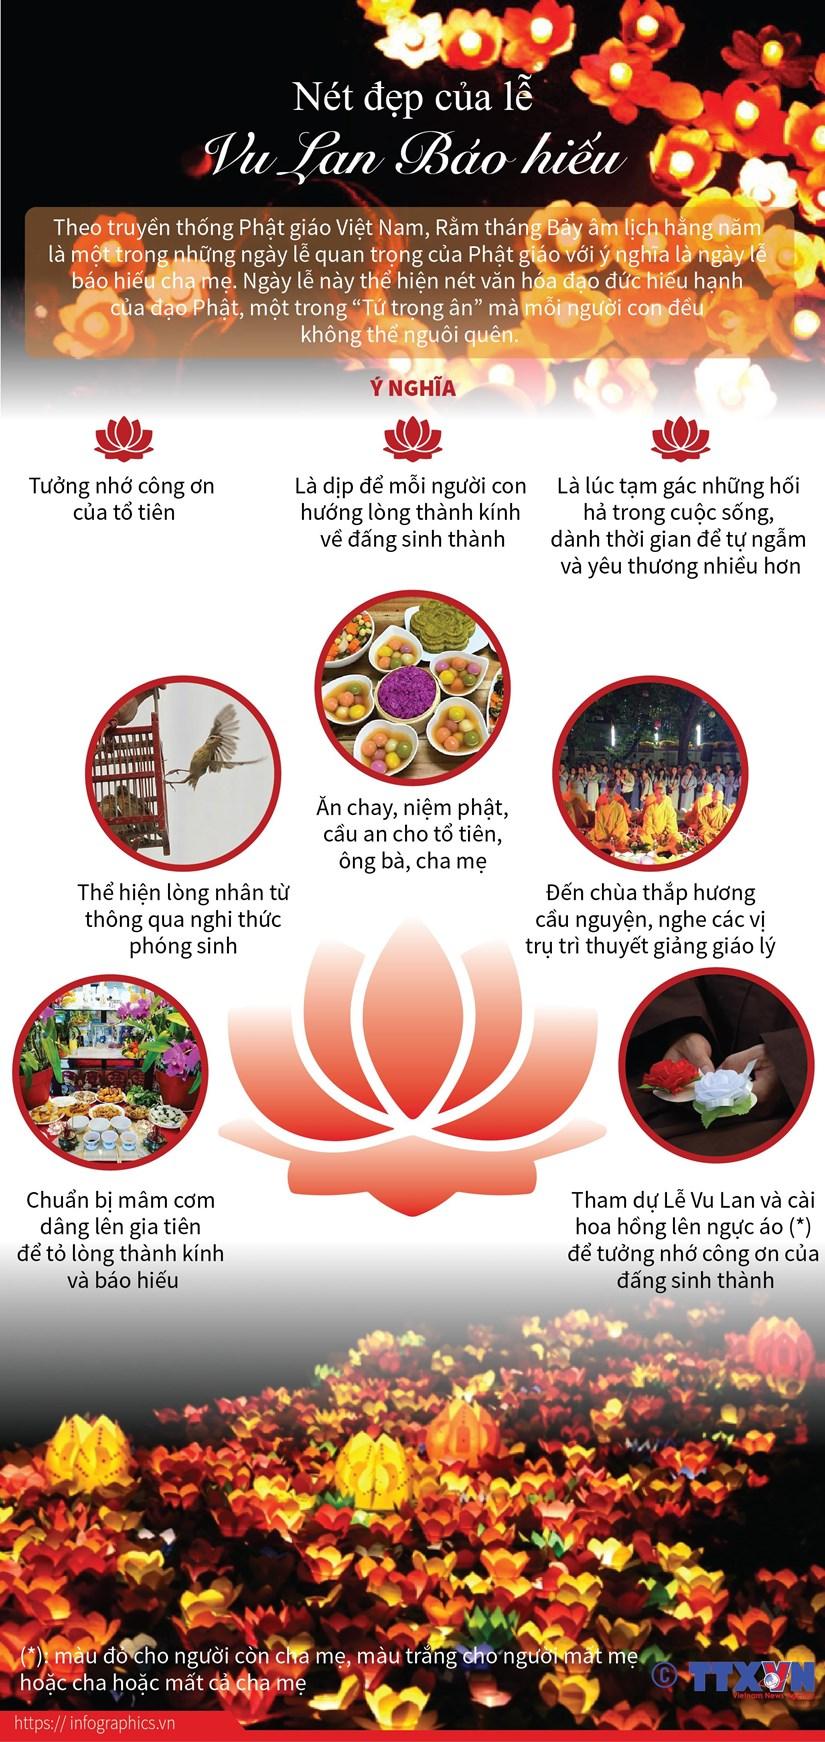 [Infographics] Net dep cua ngay le Vu Lan Bao hieu hinh anh 1